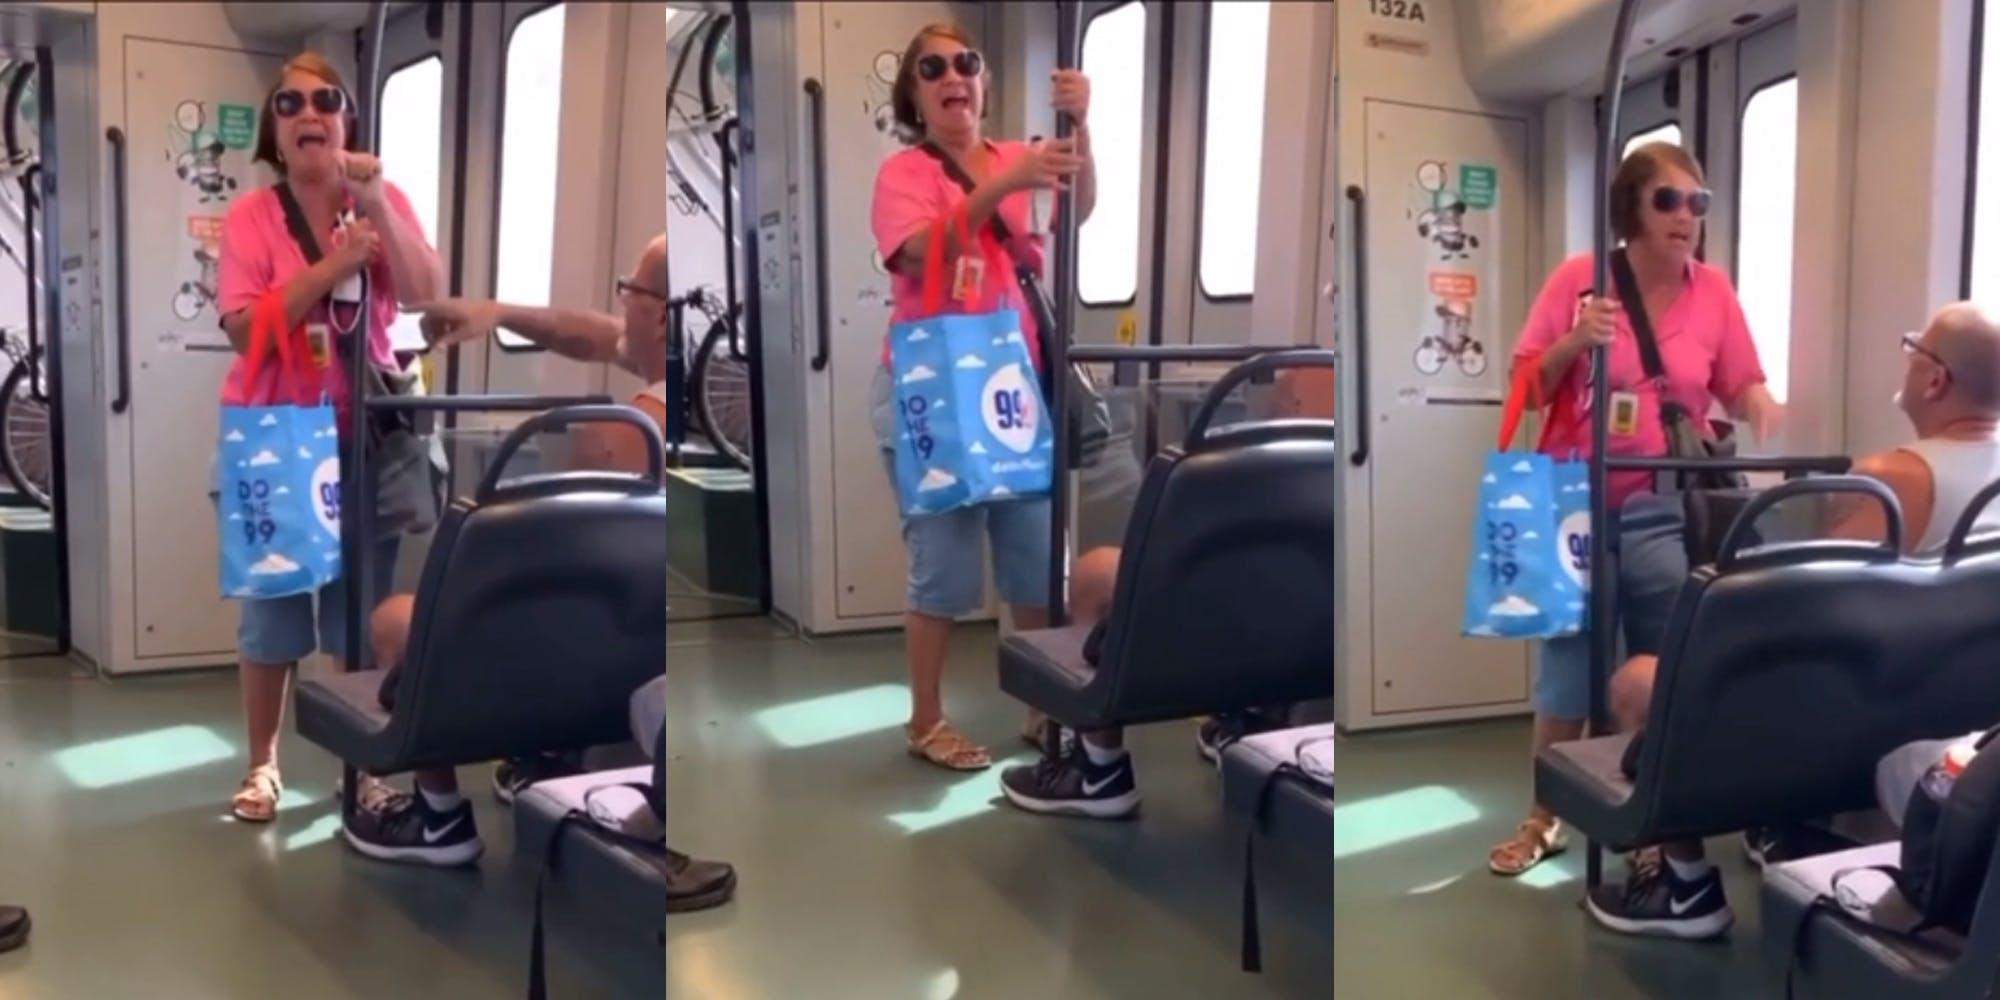 'Light Rail Karen' has a racist episode on an Arizona commuter train